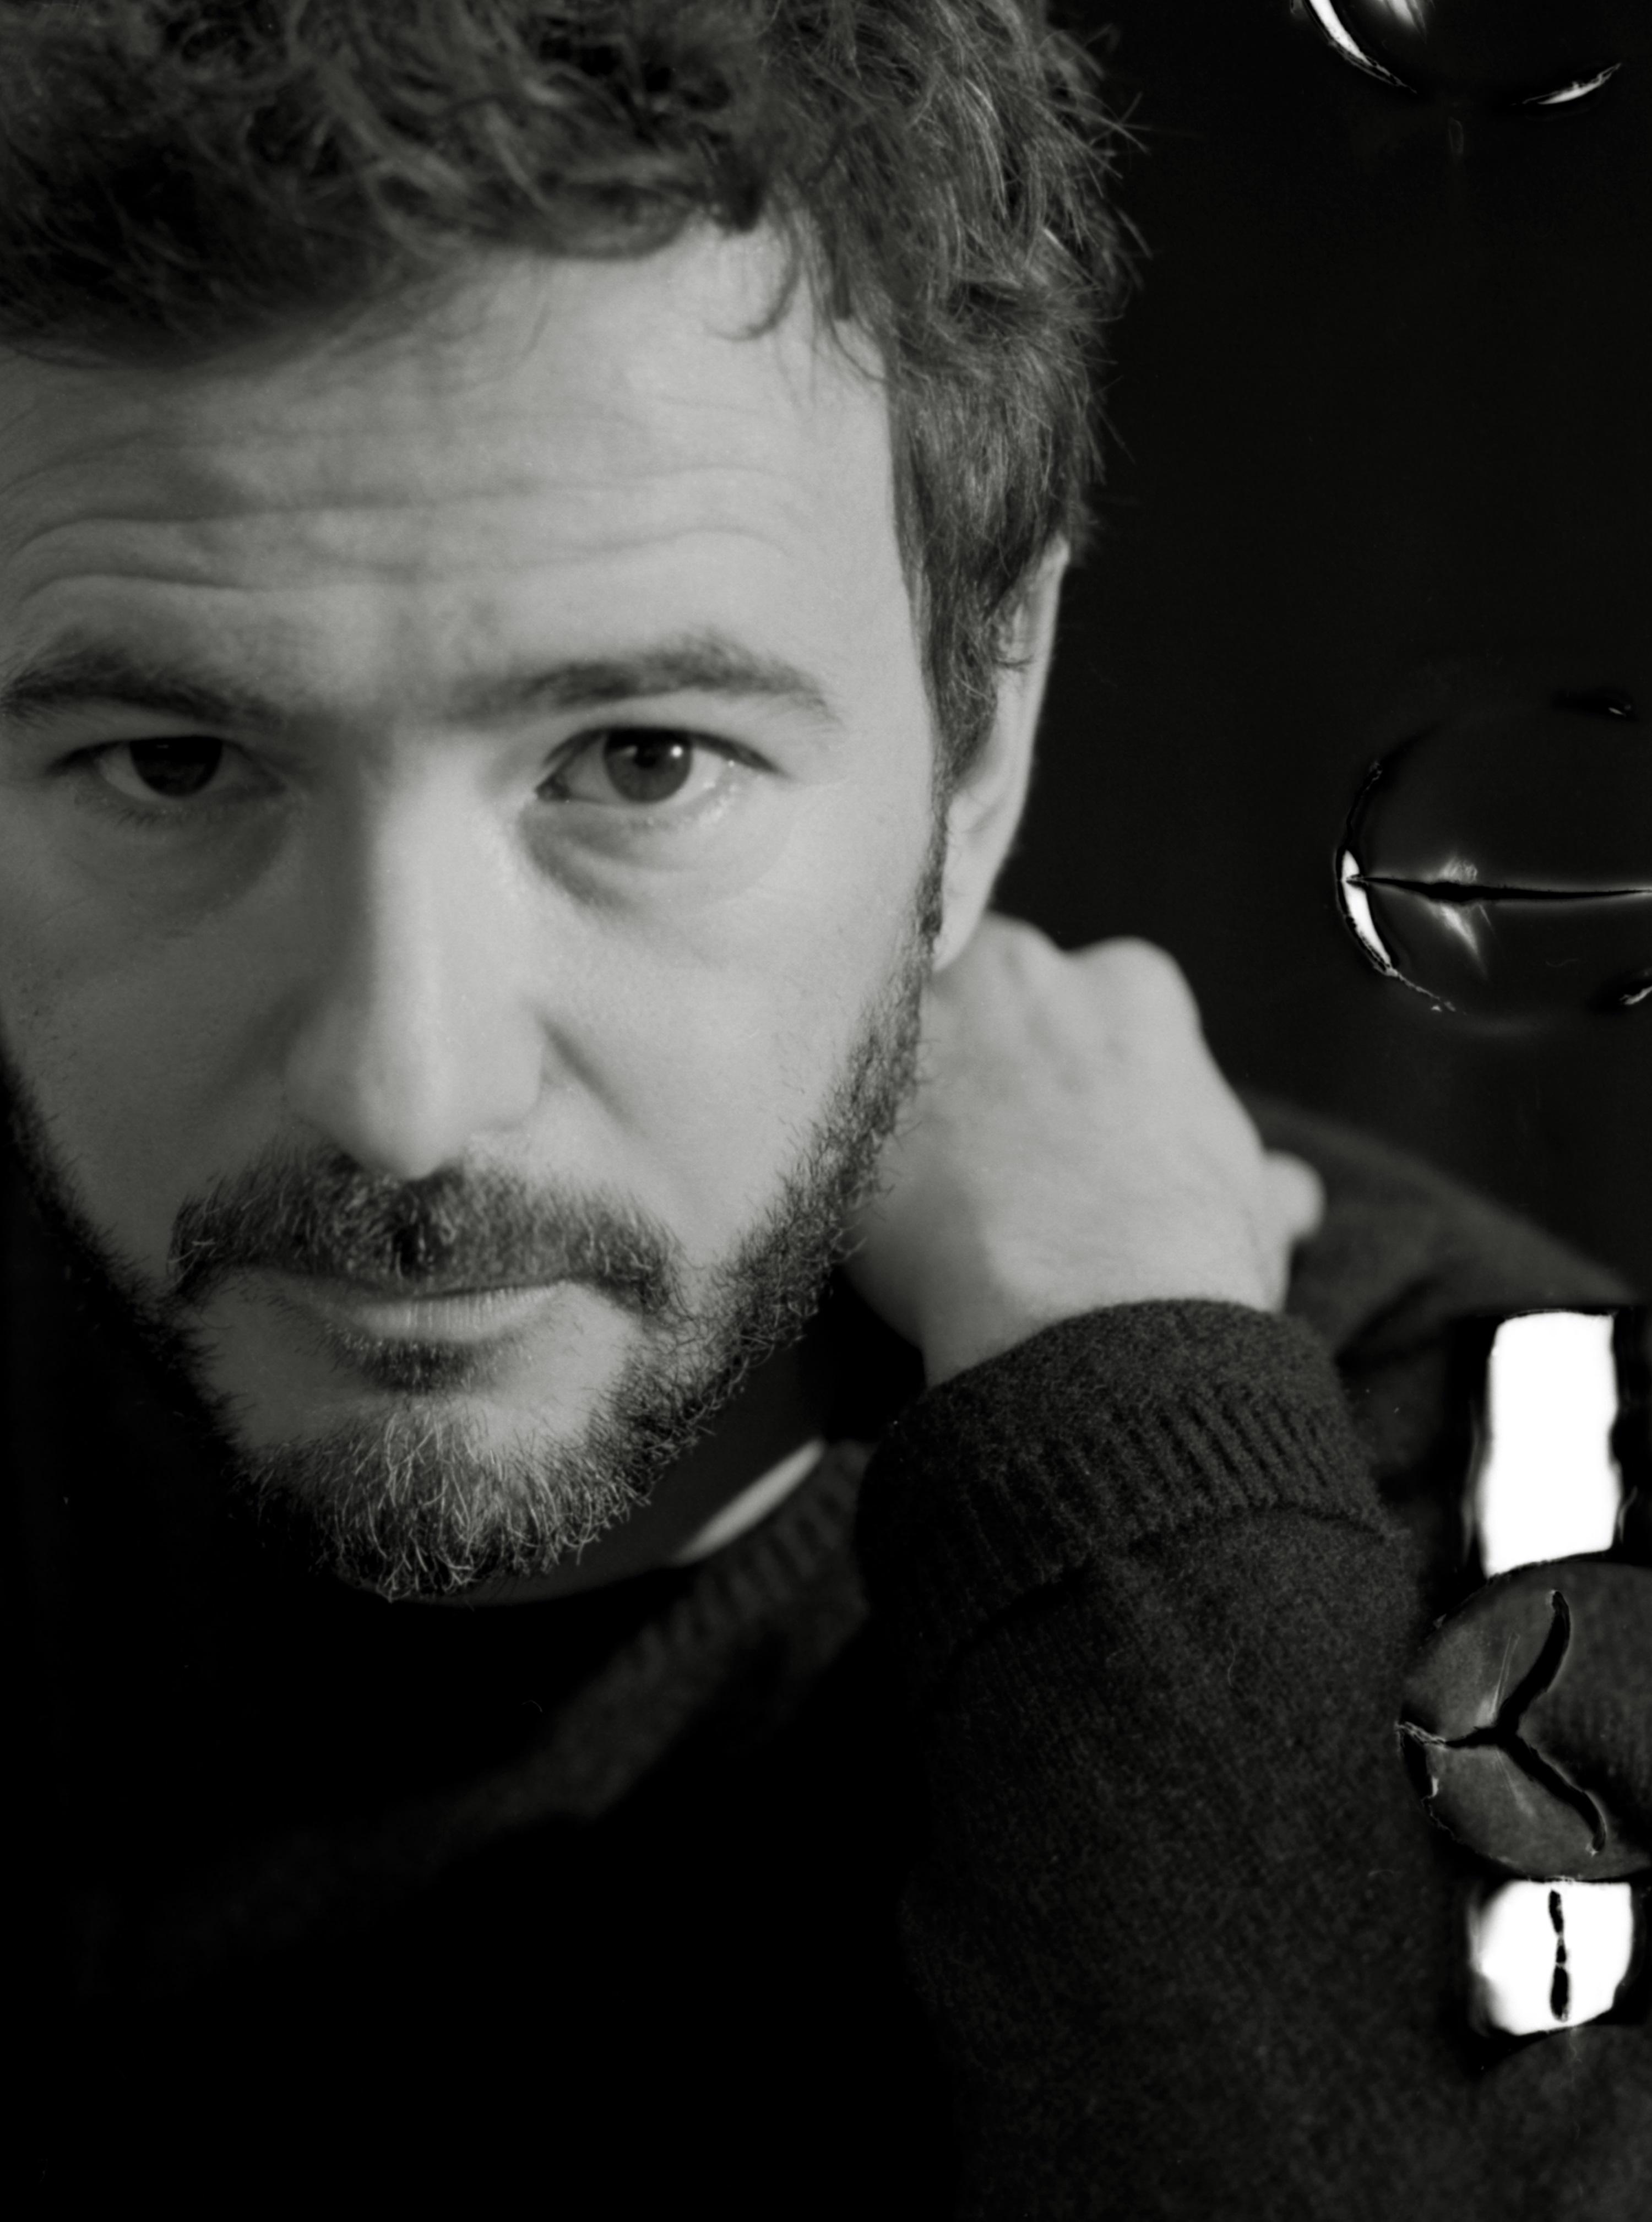 Renan Luce + Arash Sarkechik – Festival Les Enchanteurs